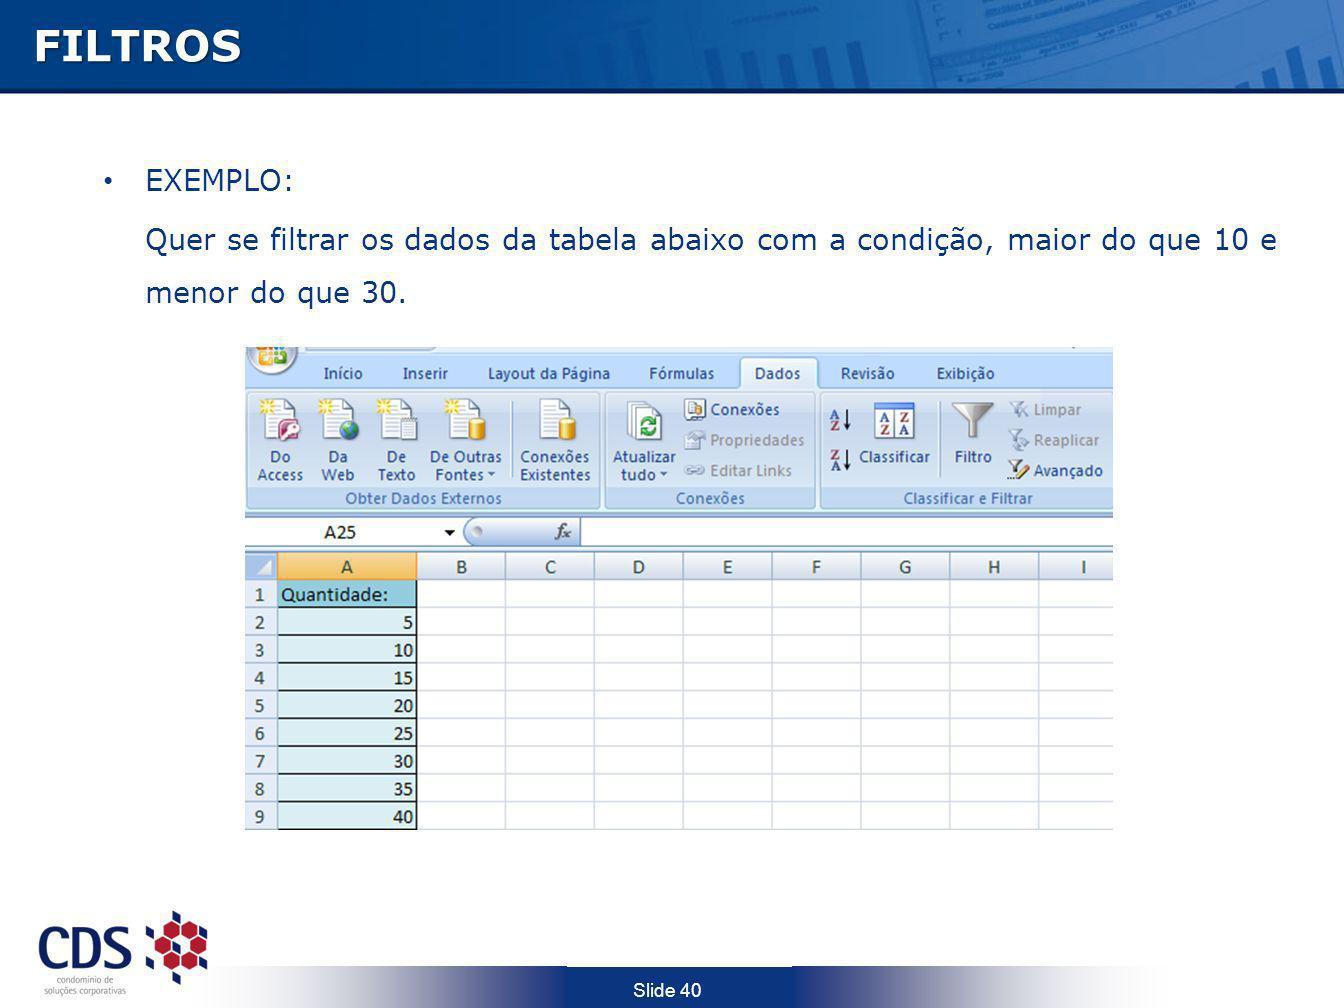 Slide 40FILTROS EXEMPLO: Quer se filtrar os dados da tabela abaixo com a condição, maior do que 10 e menor do que 30.